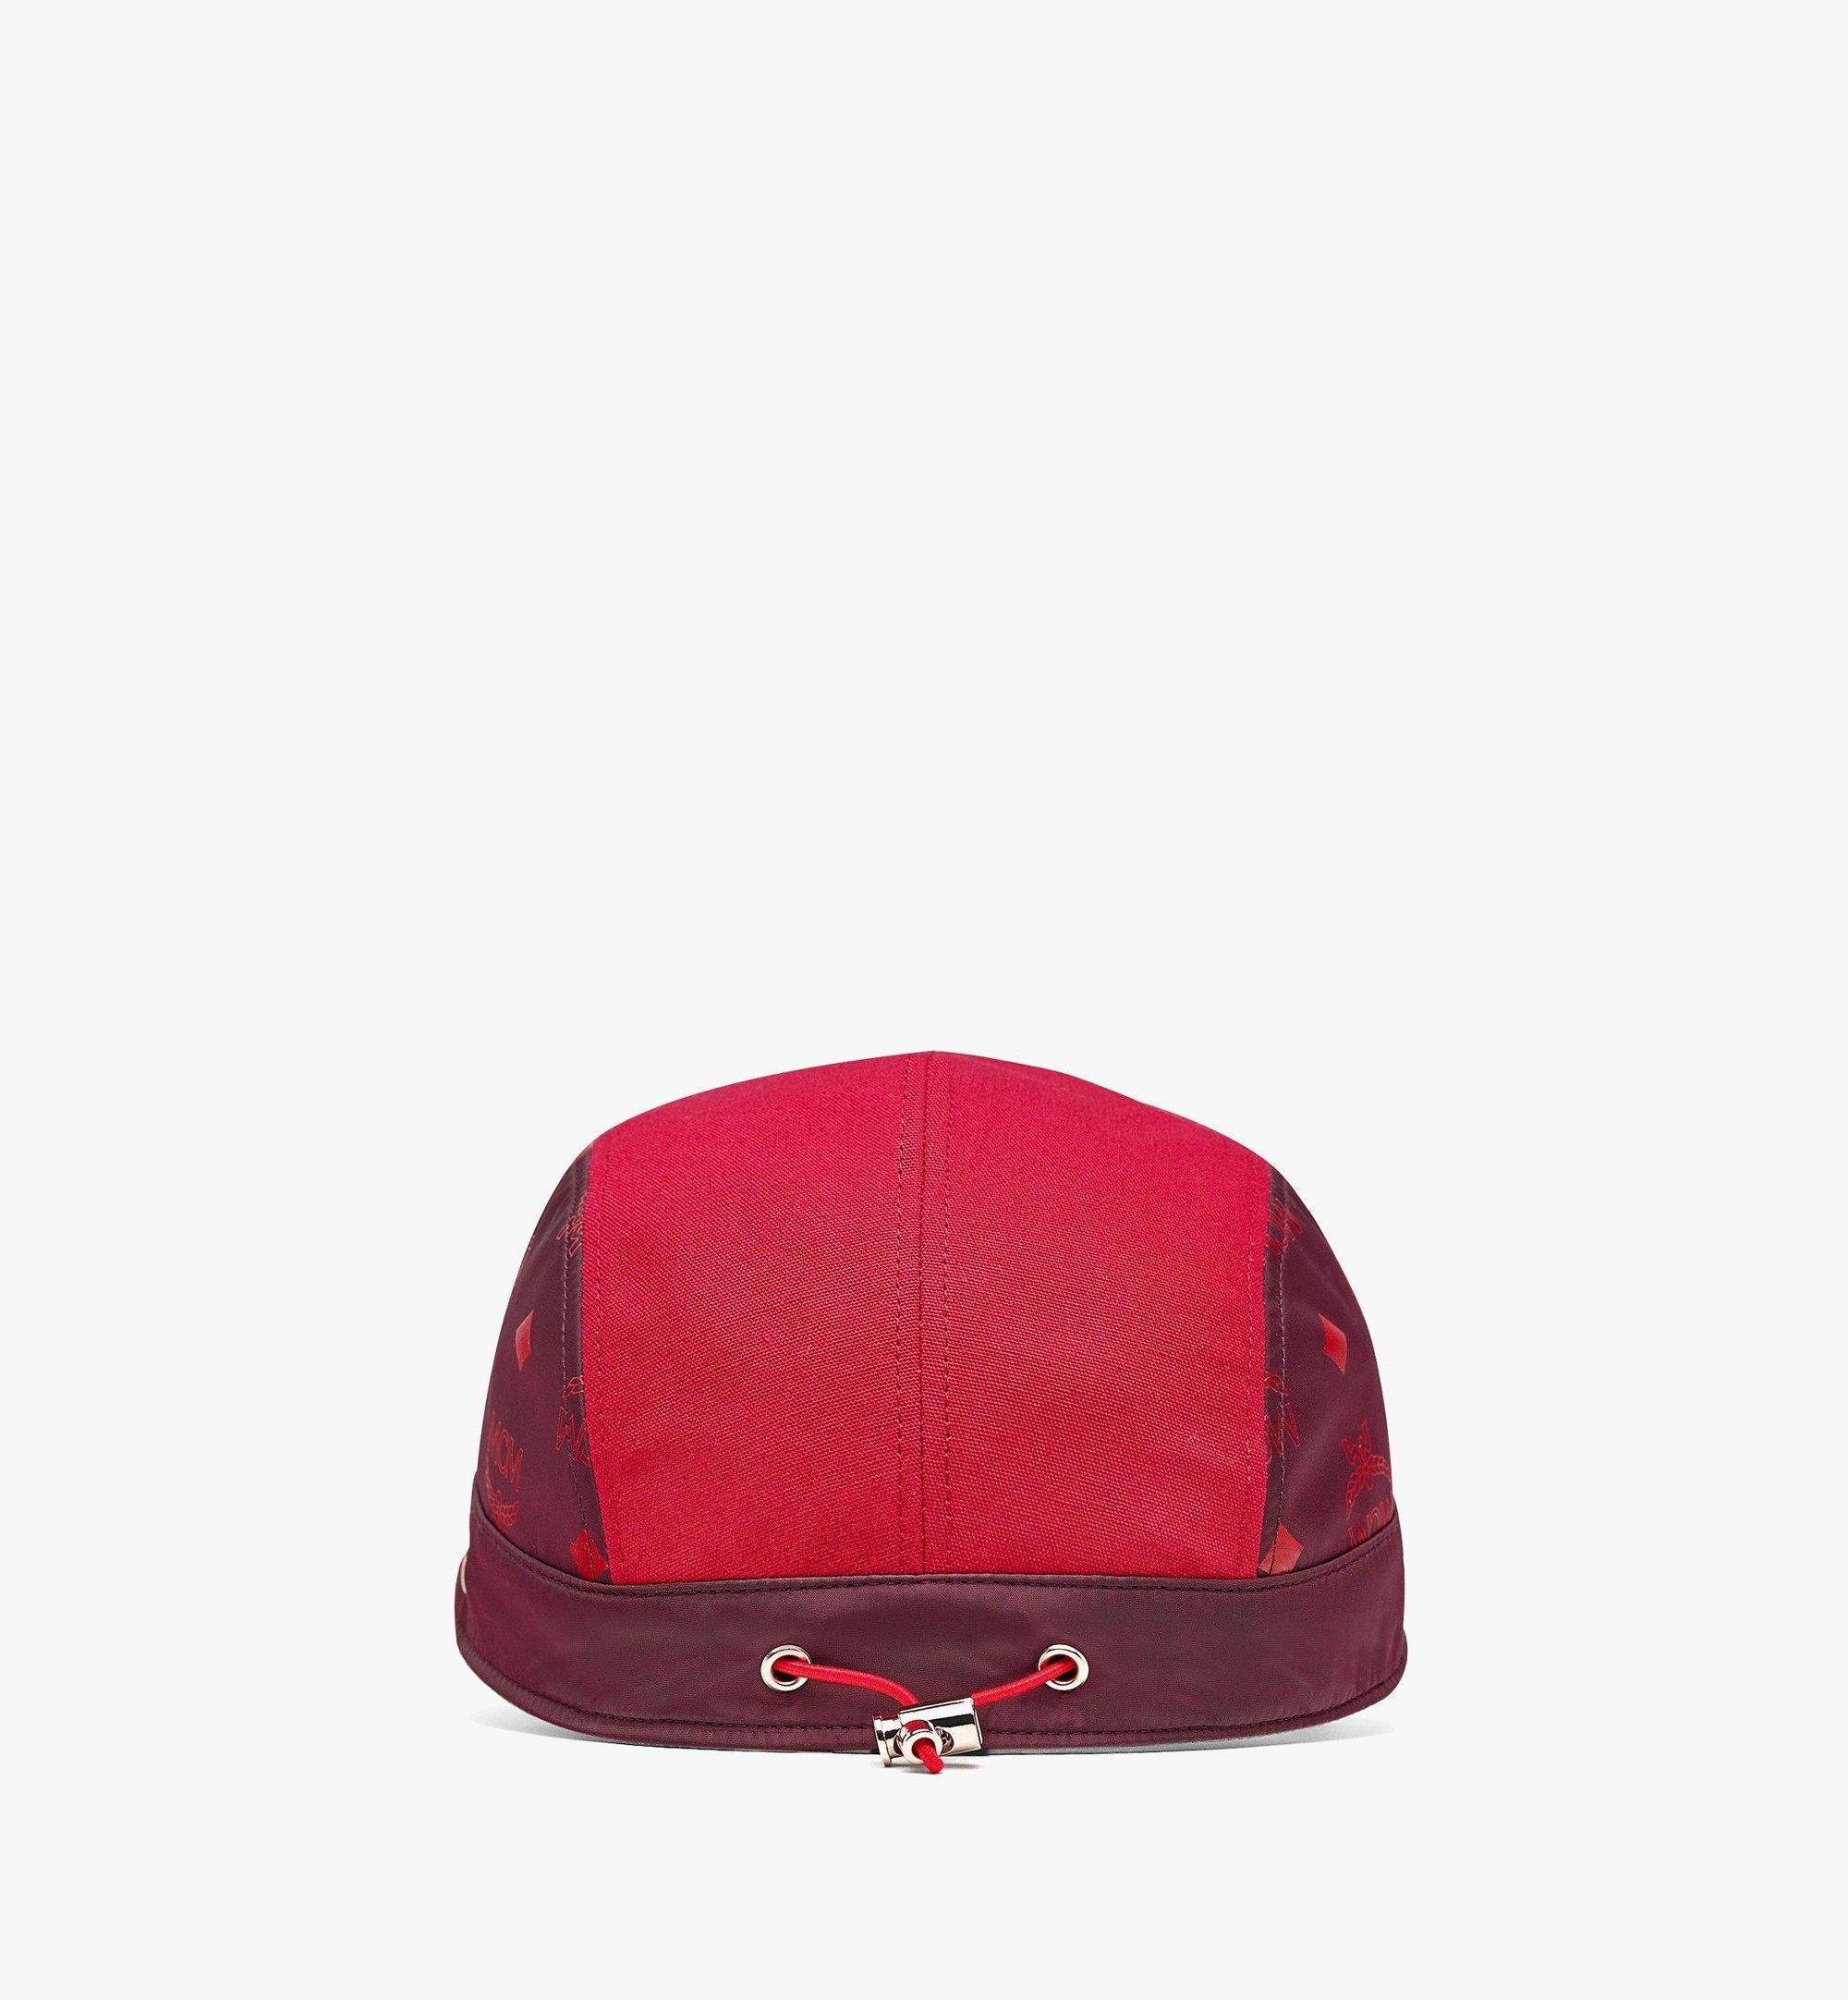 MCM Kappe mit Kunstfell-Element Red MECBAMM03R0001 Noch mehr sehen 1